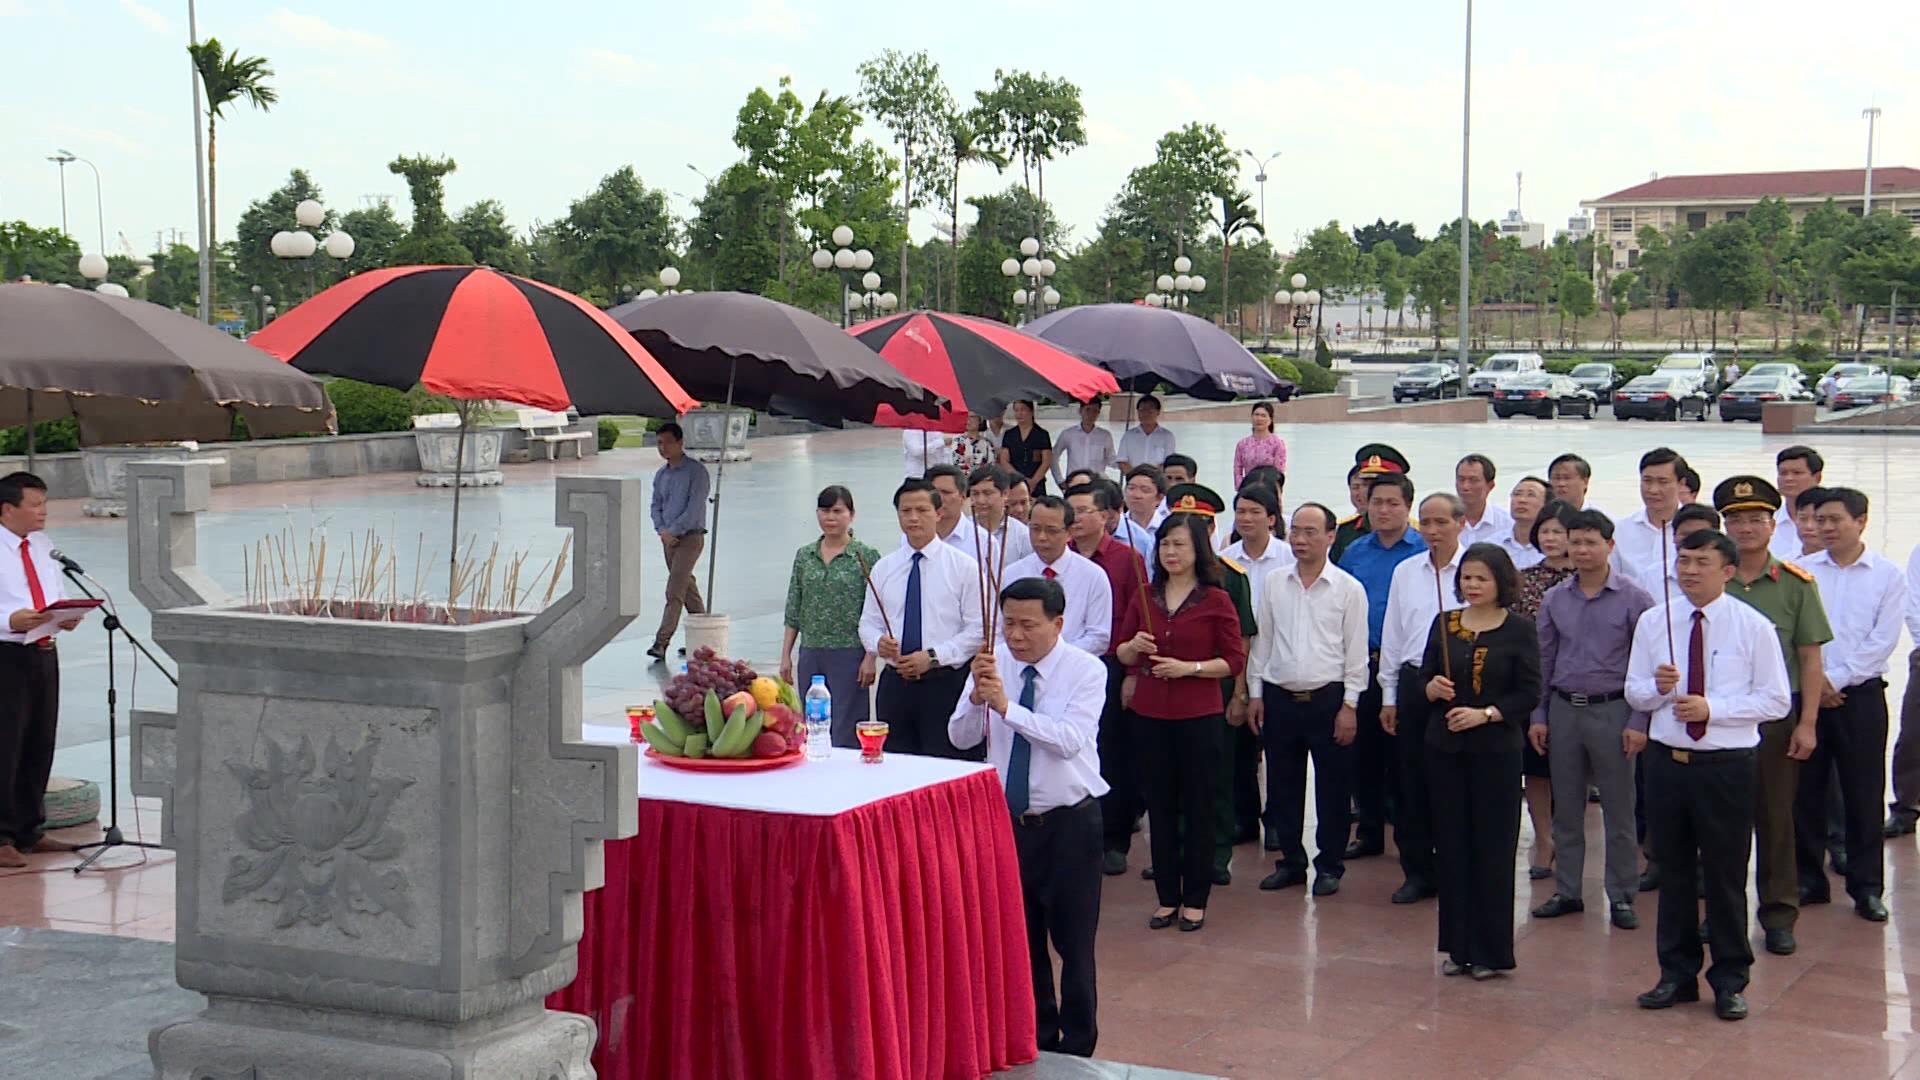 Lãnh đạo tỉnh dâng hương tưởng niệm Tổng Bí thư Nguyễn Văn Cừ